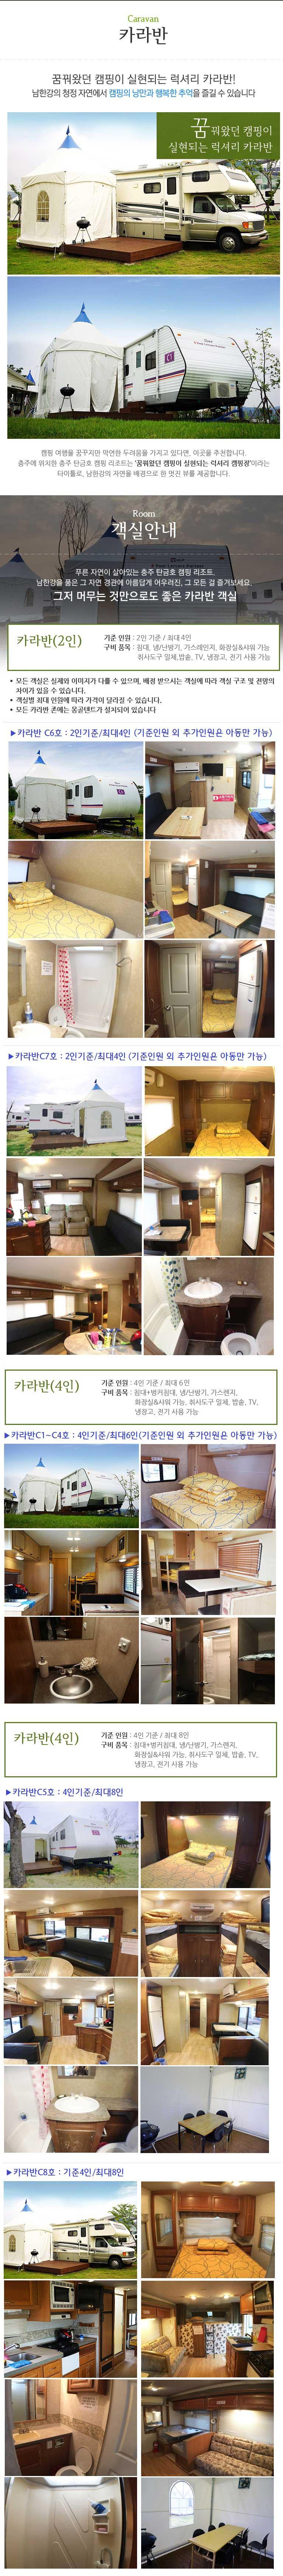 충주탄금호캠핑_카라반.jpg